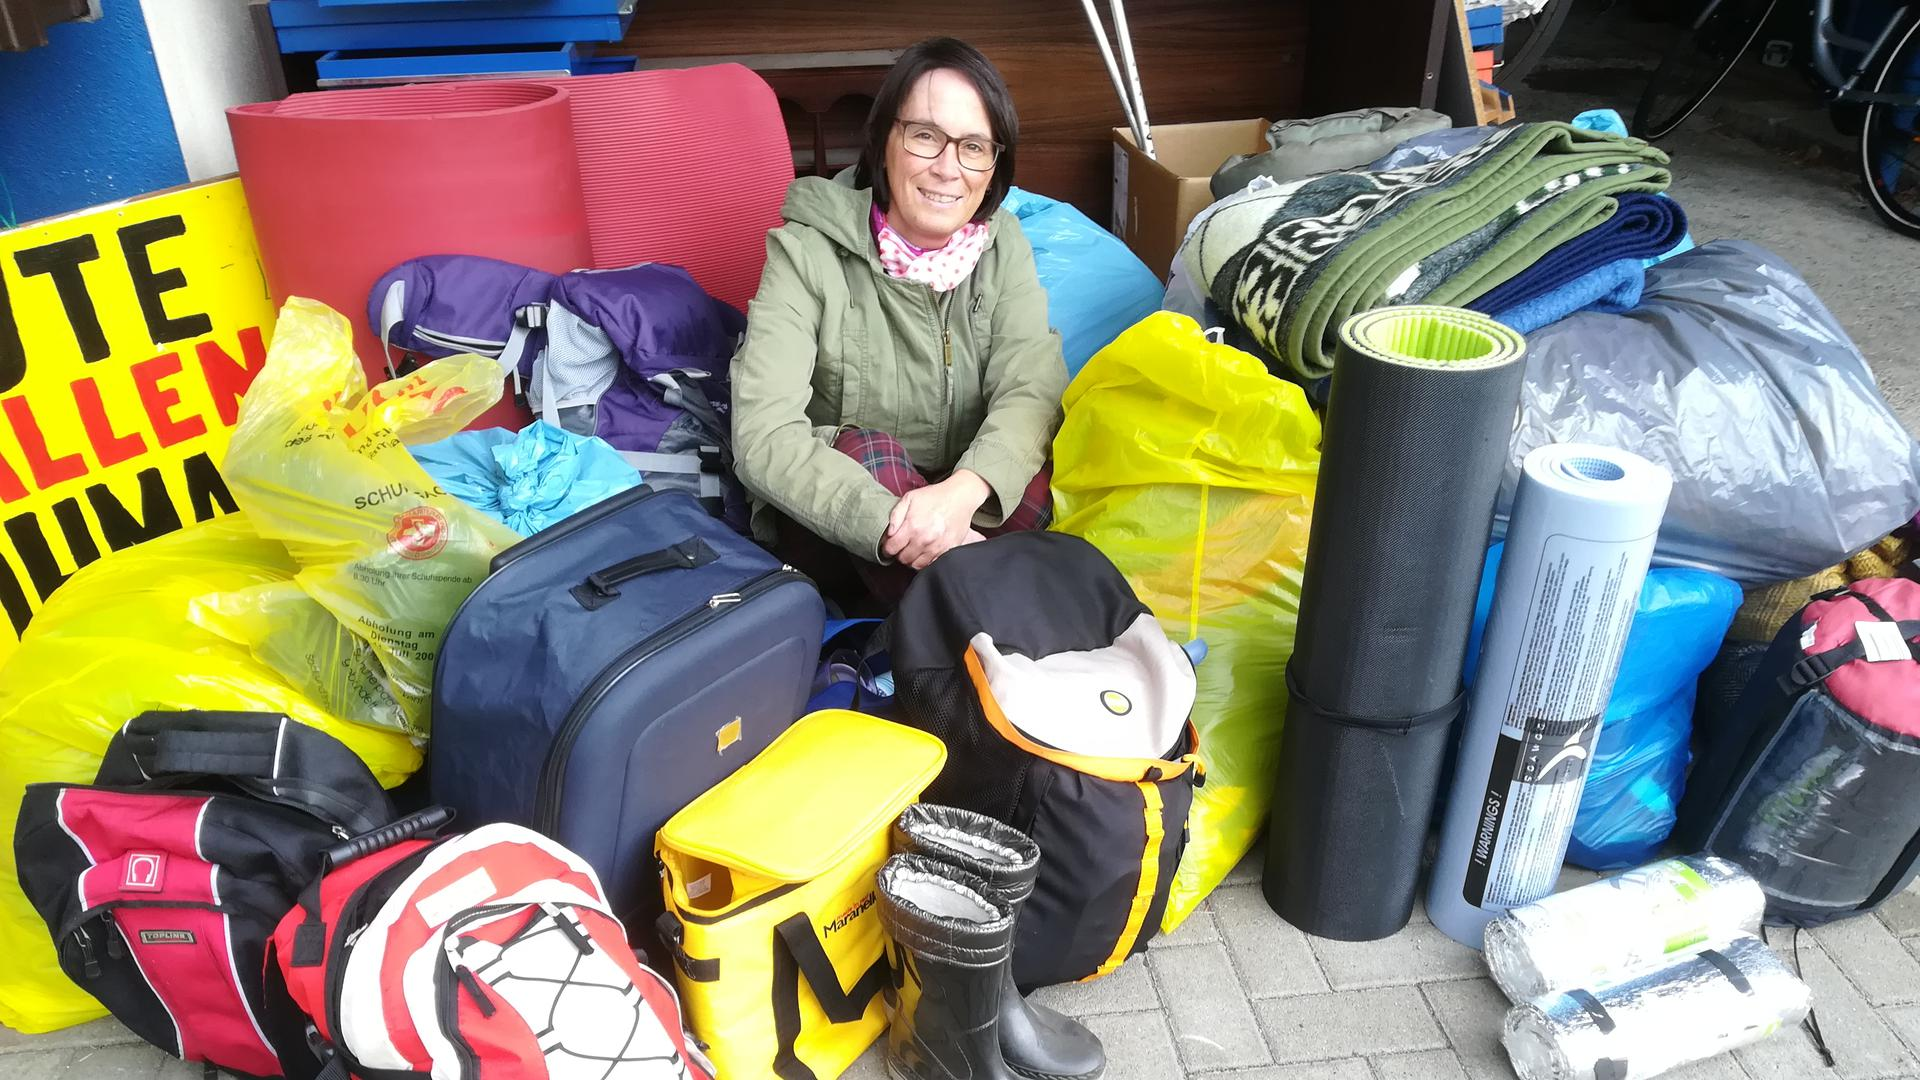 """Anke Basler initiierte vor anderthalb Jahren den Flohmarkt mit Herz in Bühl; die dort entstandene """"tolle Truppe"""" sammelte für Bedürftige neben Kleidung etwa auch Iso-Matten und Schlafsäcke."""